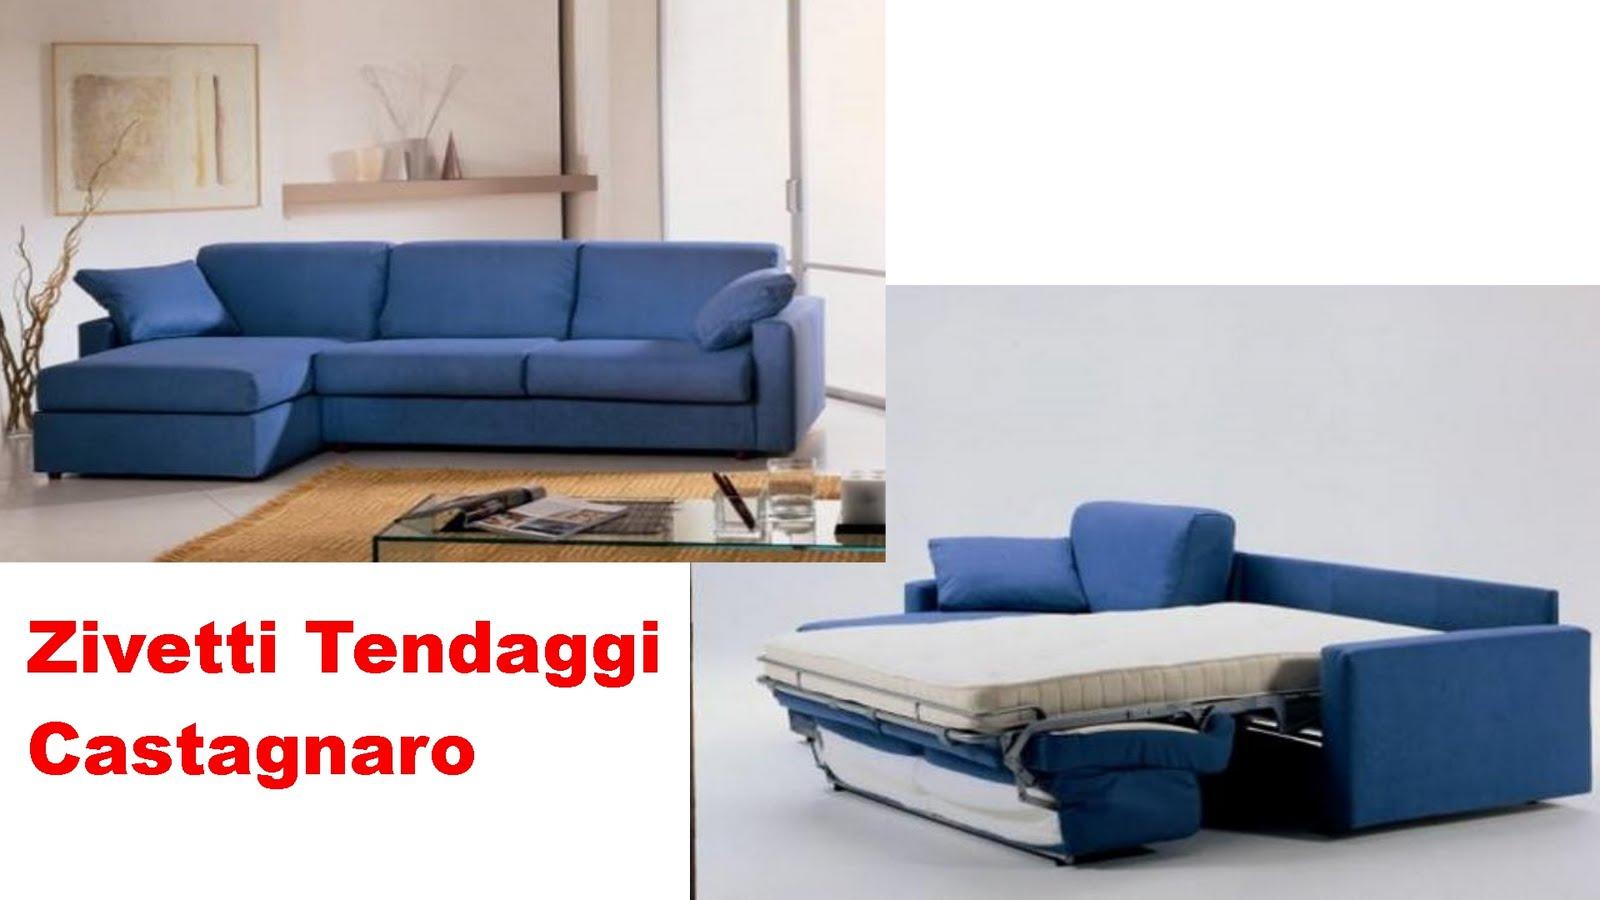 Tende materassi letti poltrone divani zilvetti tendaggi for Divano letto prezzi